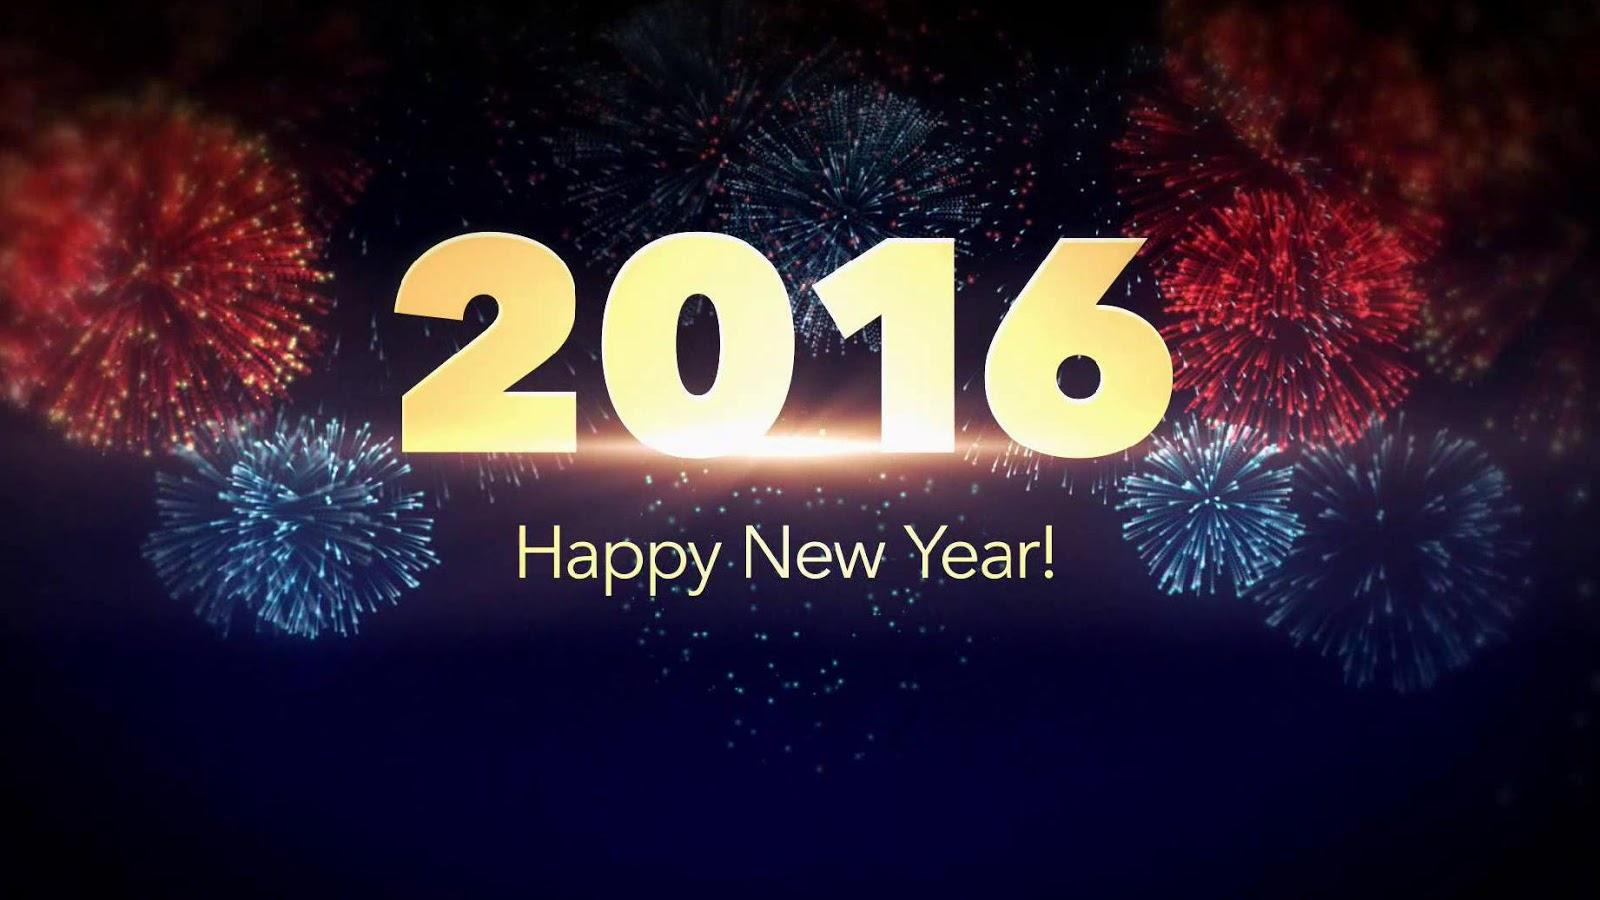 Gambar Kata Ucapan DP Selamat Tahun Baru 2016 Terbarutau